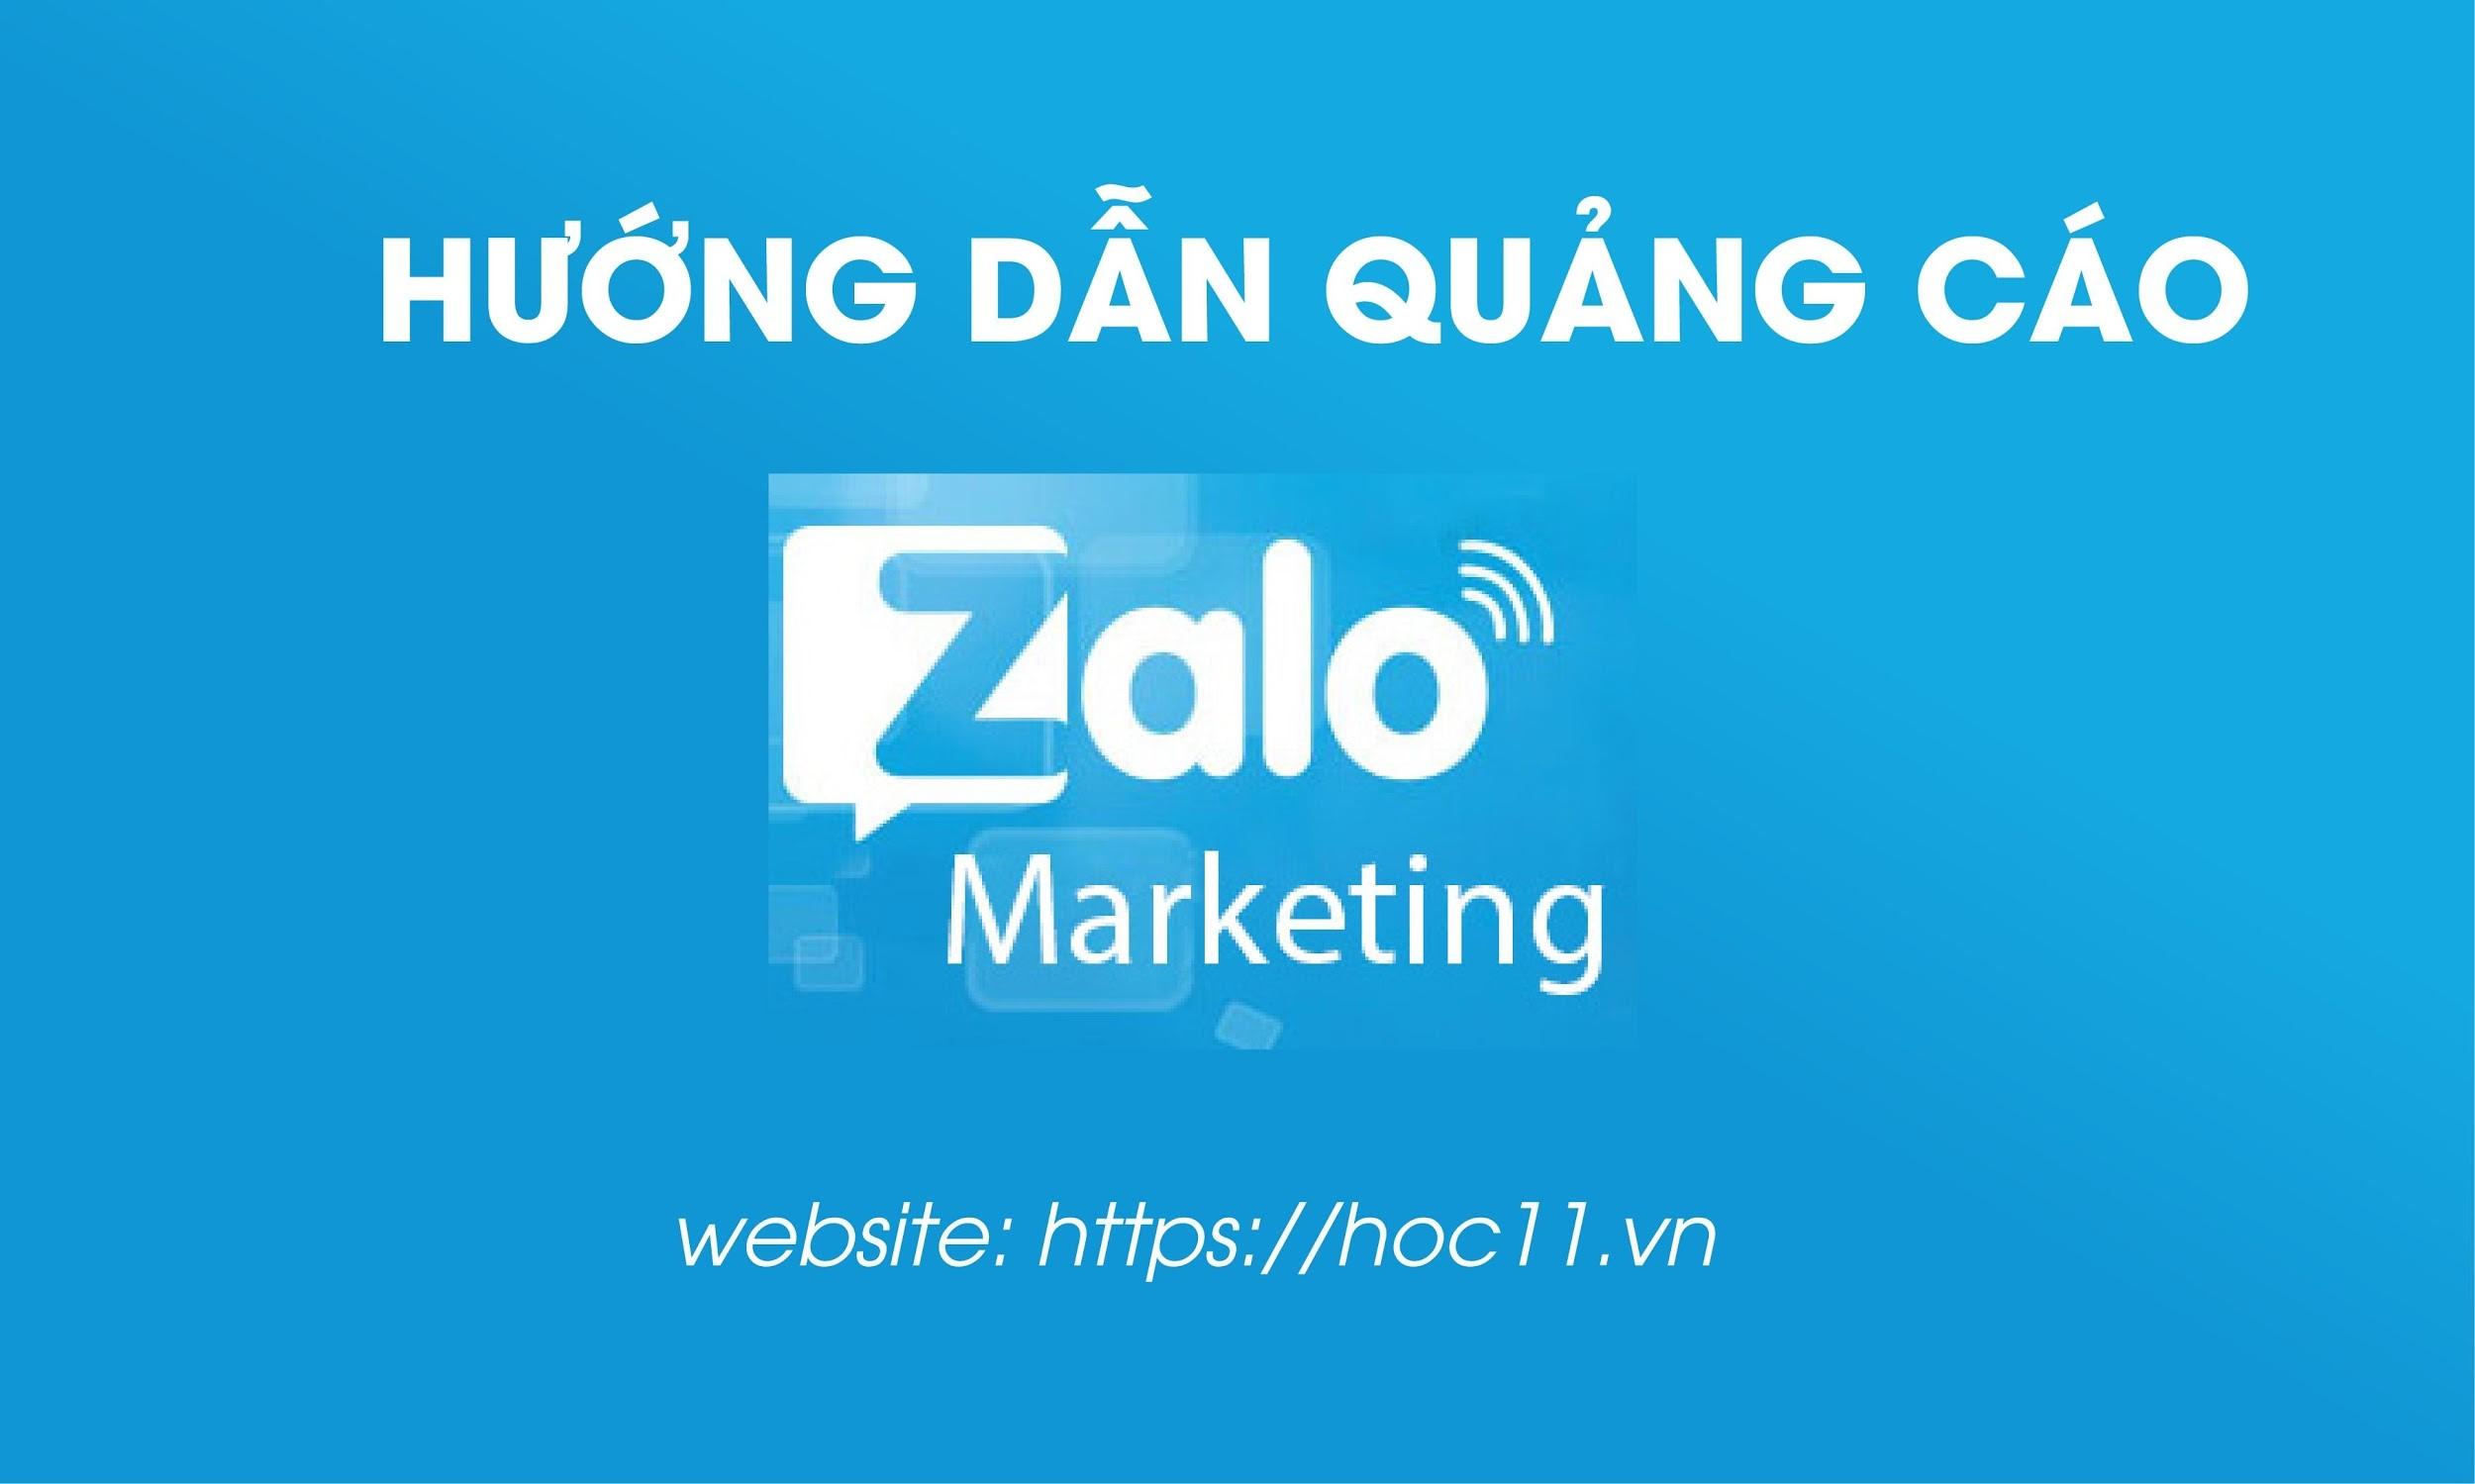 Hướng dẫn quảng cáo Zalo【HOC11】nhằm tối ưu quảng cáo